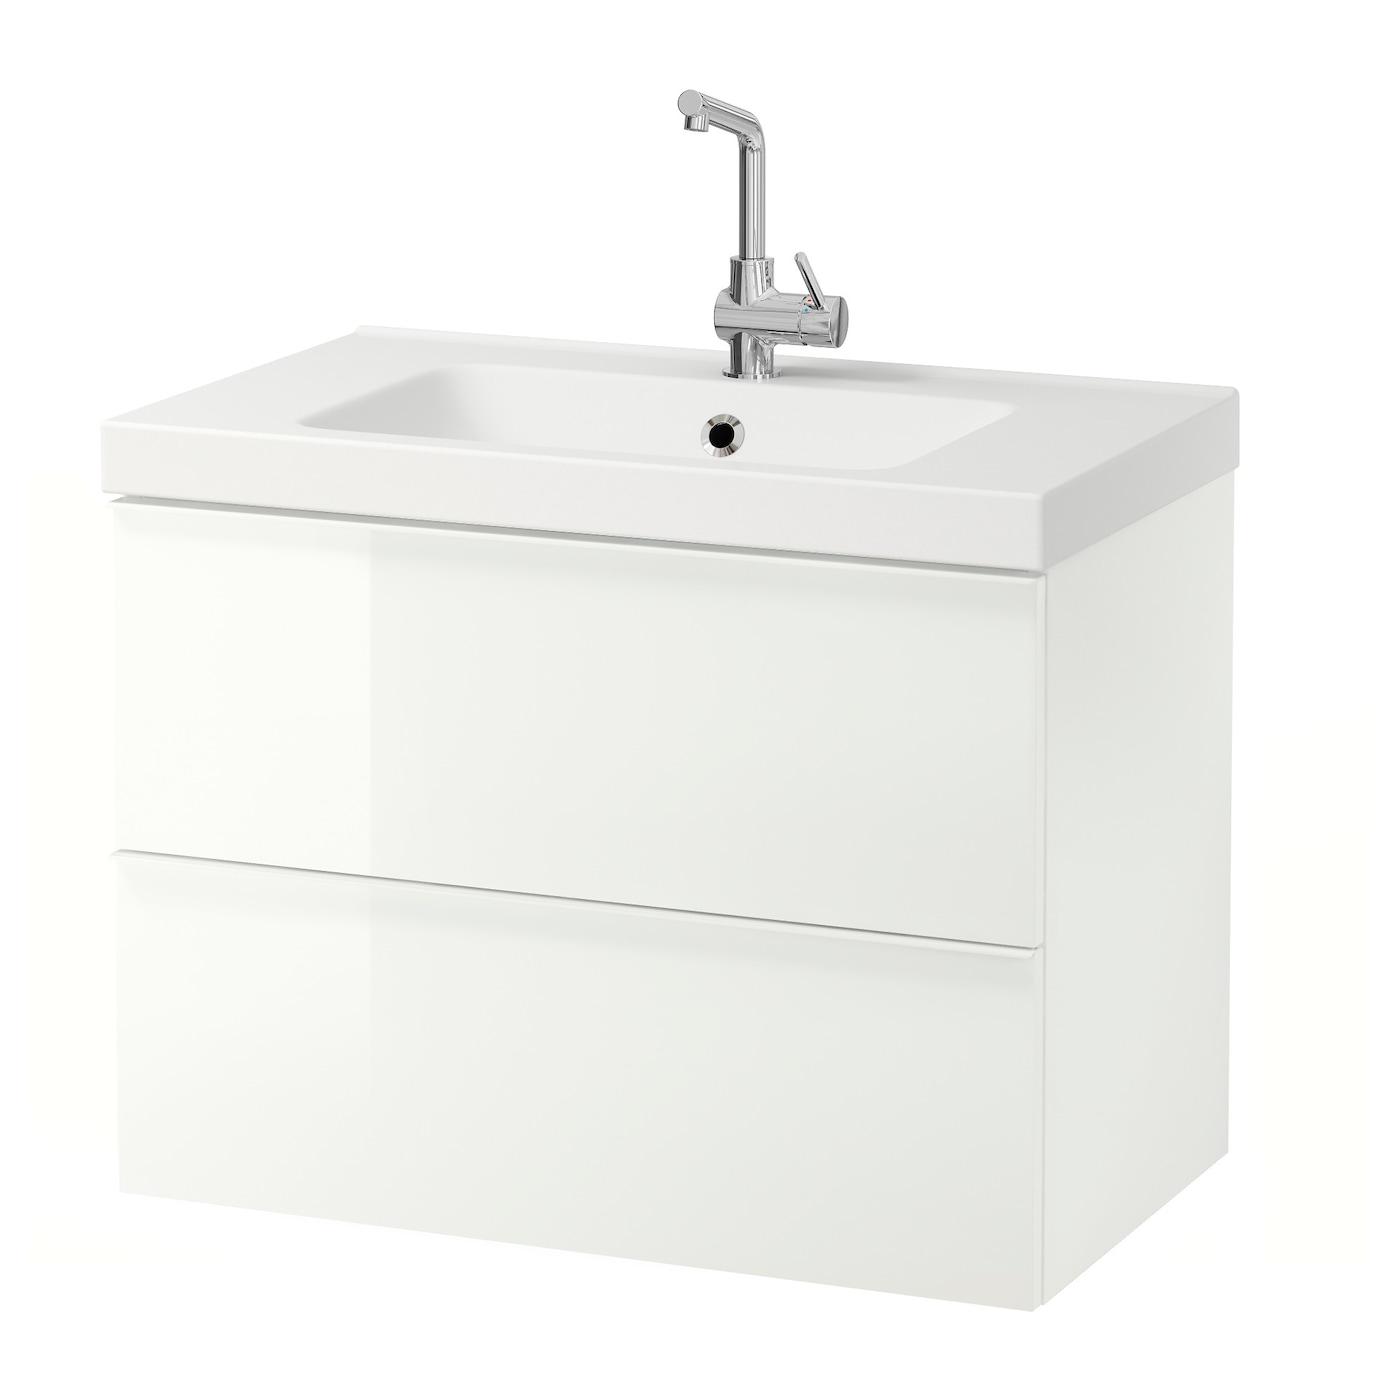 IKEA ODENSVIK GODMORGON kast voor wastafel met 2 lades